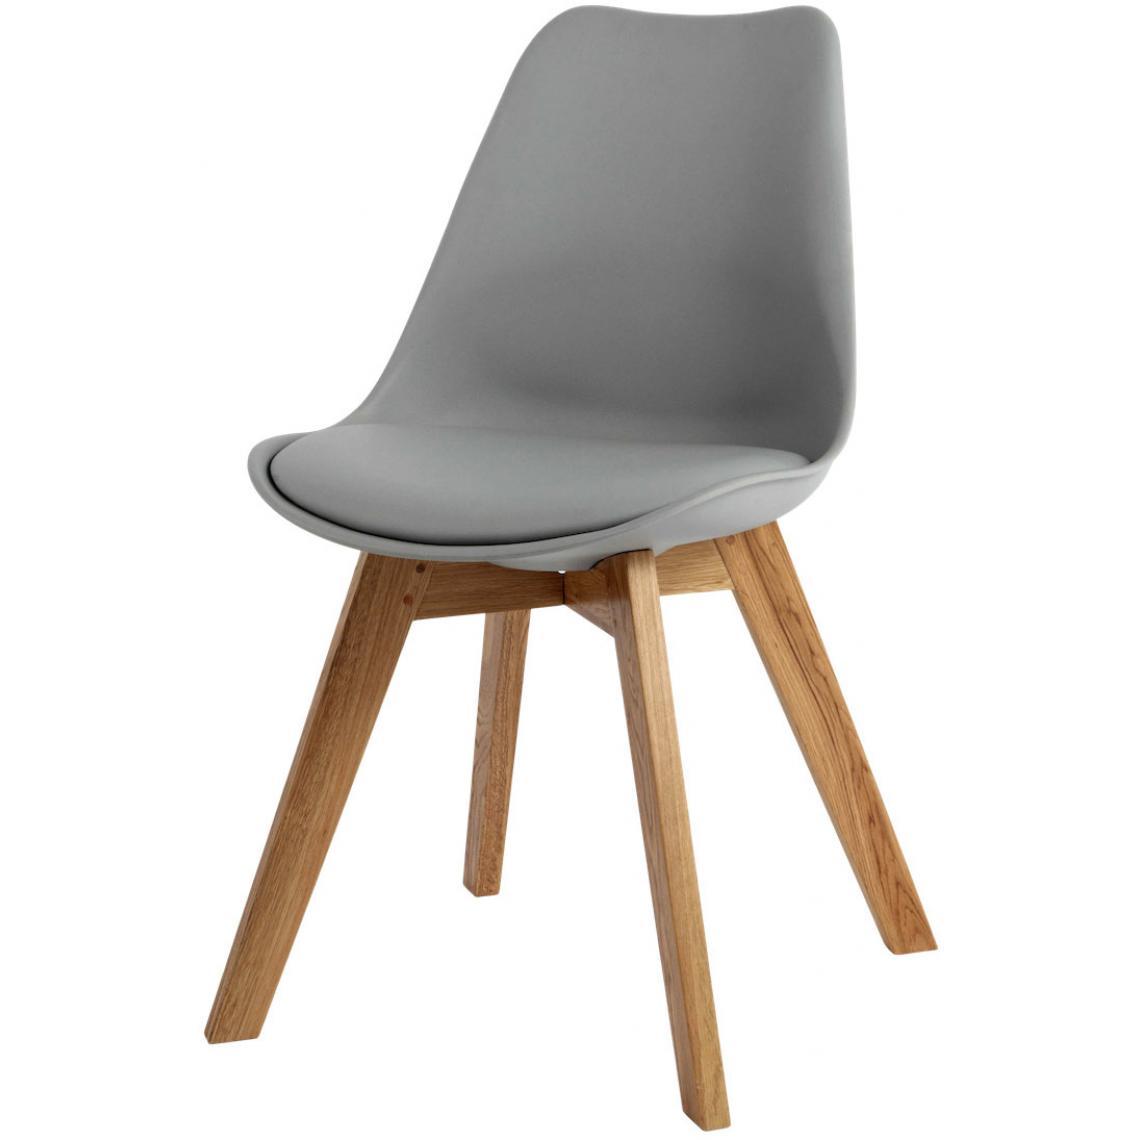 Chaise Design Style Scandinave Grise ESBEN 3Suisses Mobilier Deco